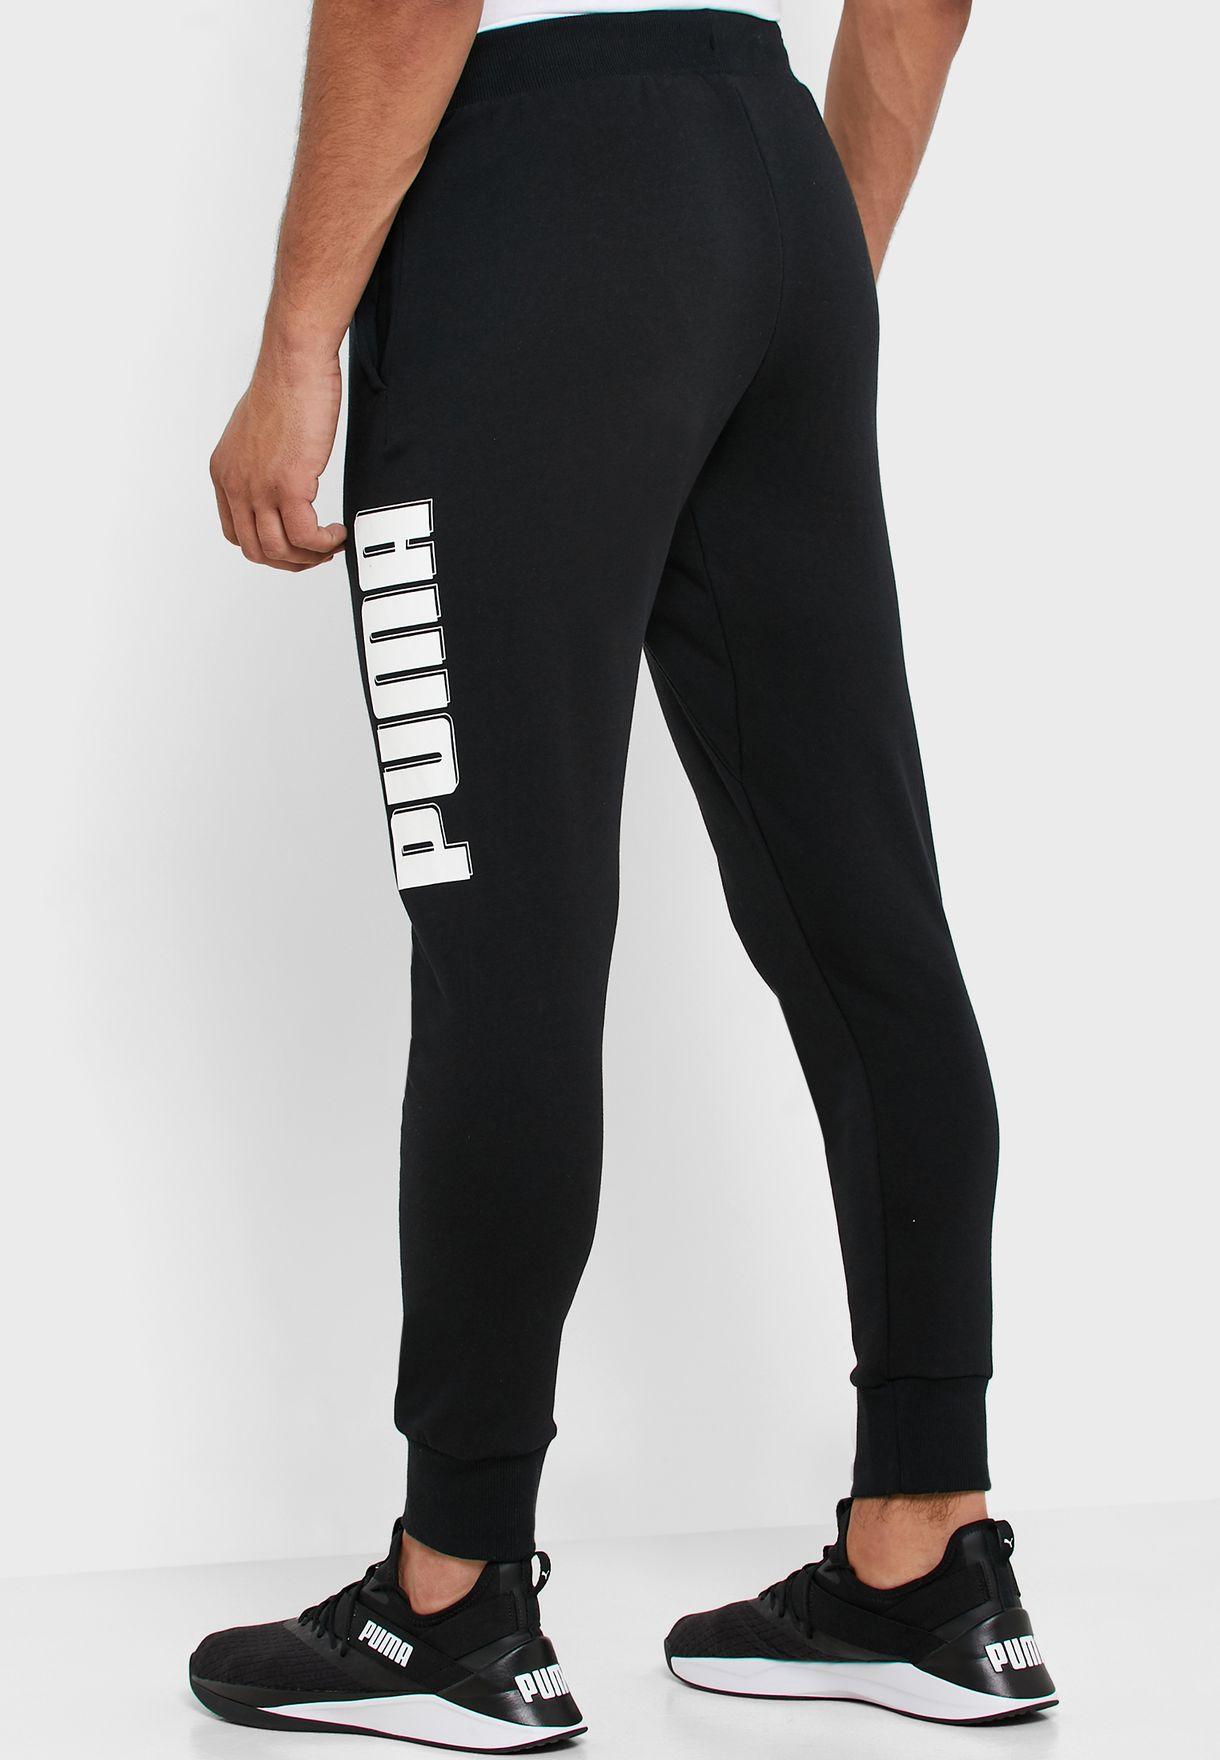 Rebel Block Sweatpants